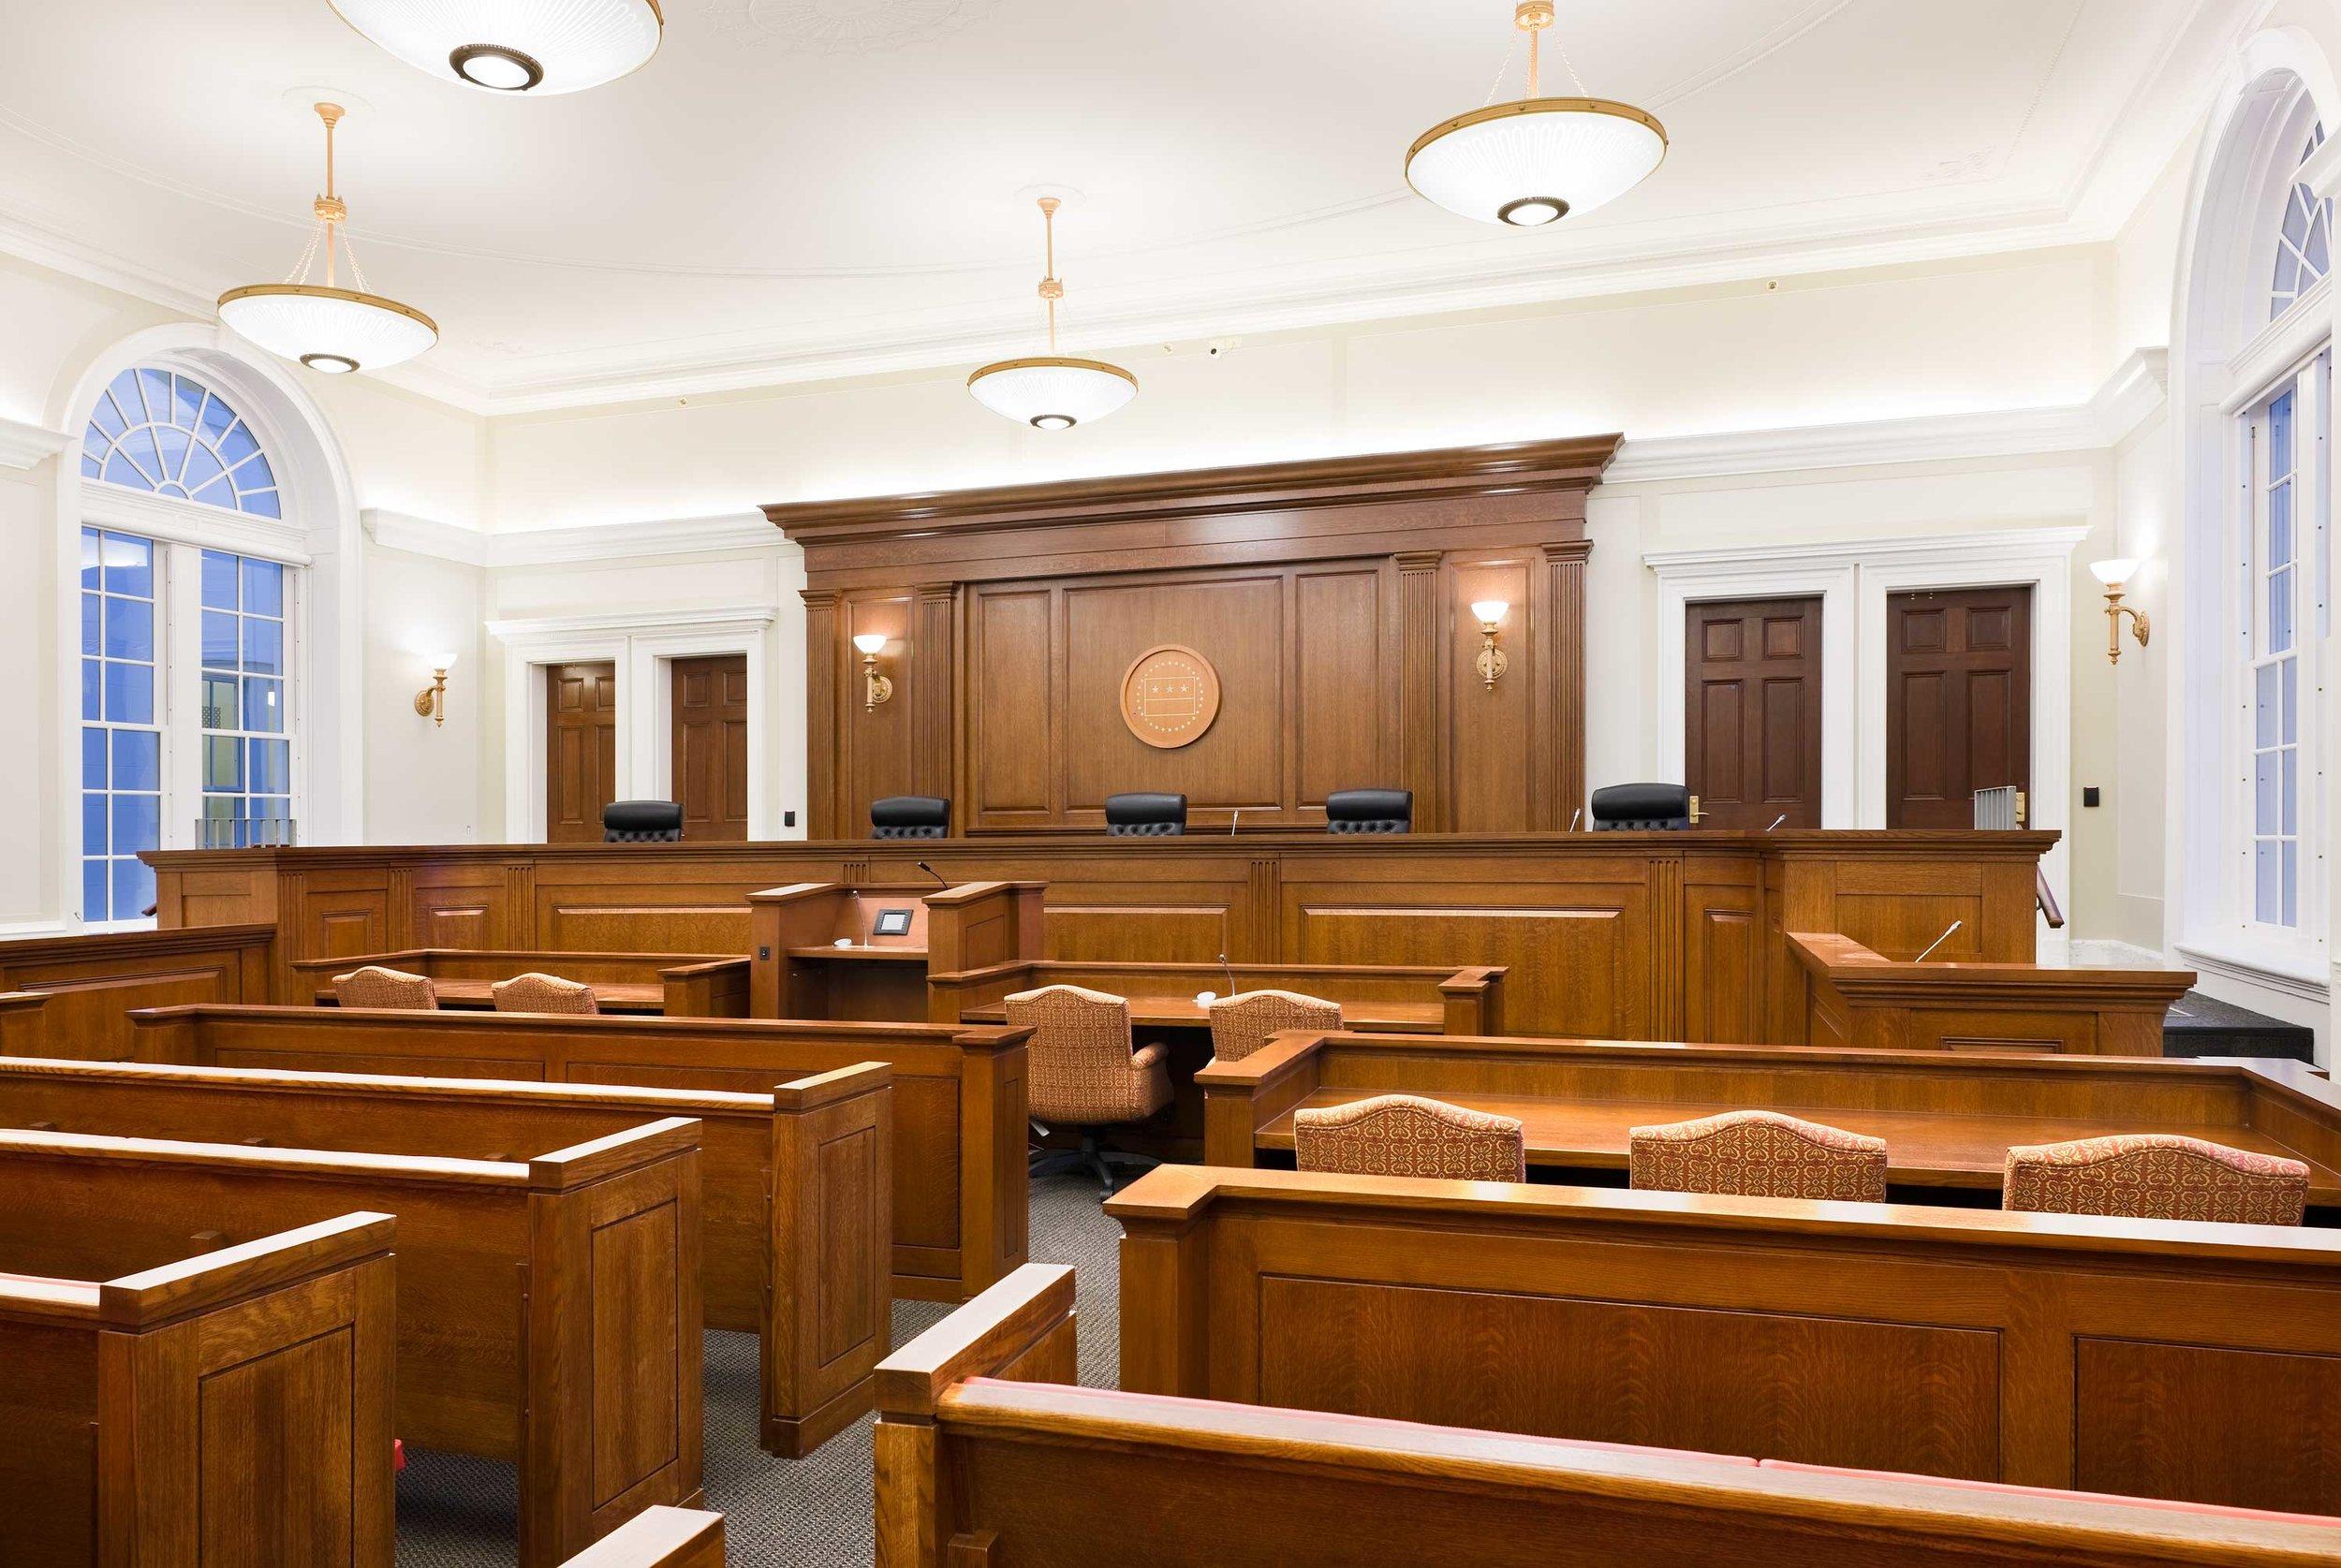 Courtroom-1-HI-RES.jpg